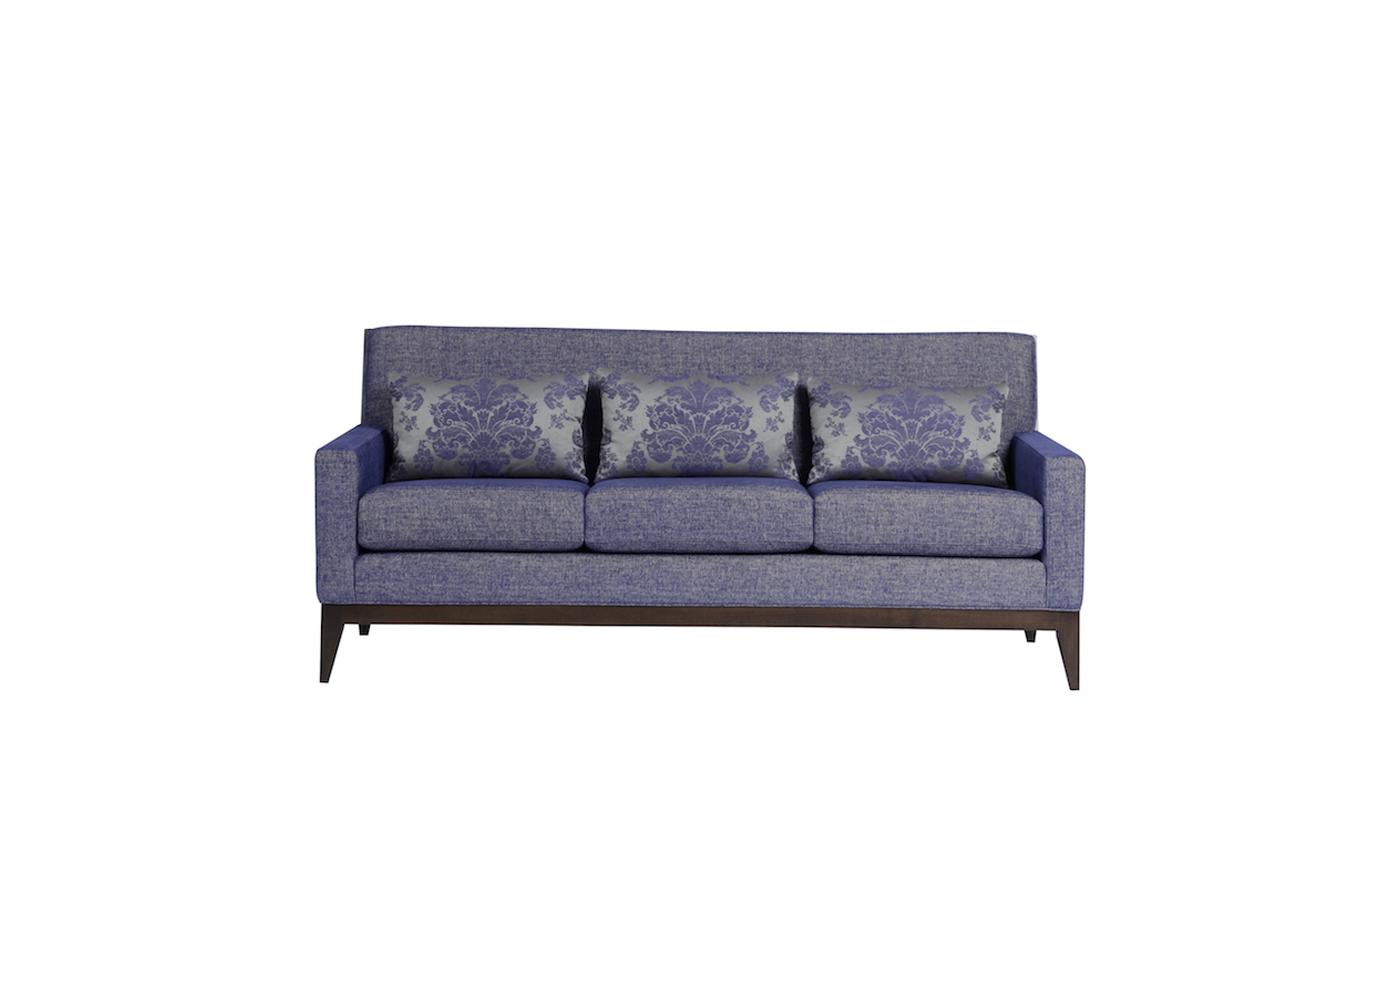 polanco furniture store ottawa interior decor solutions bombay company furniture amp decor in ottawa